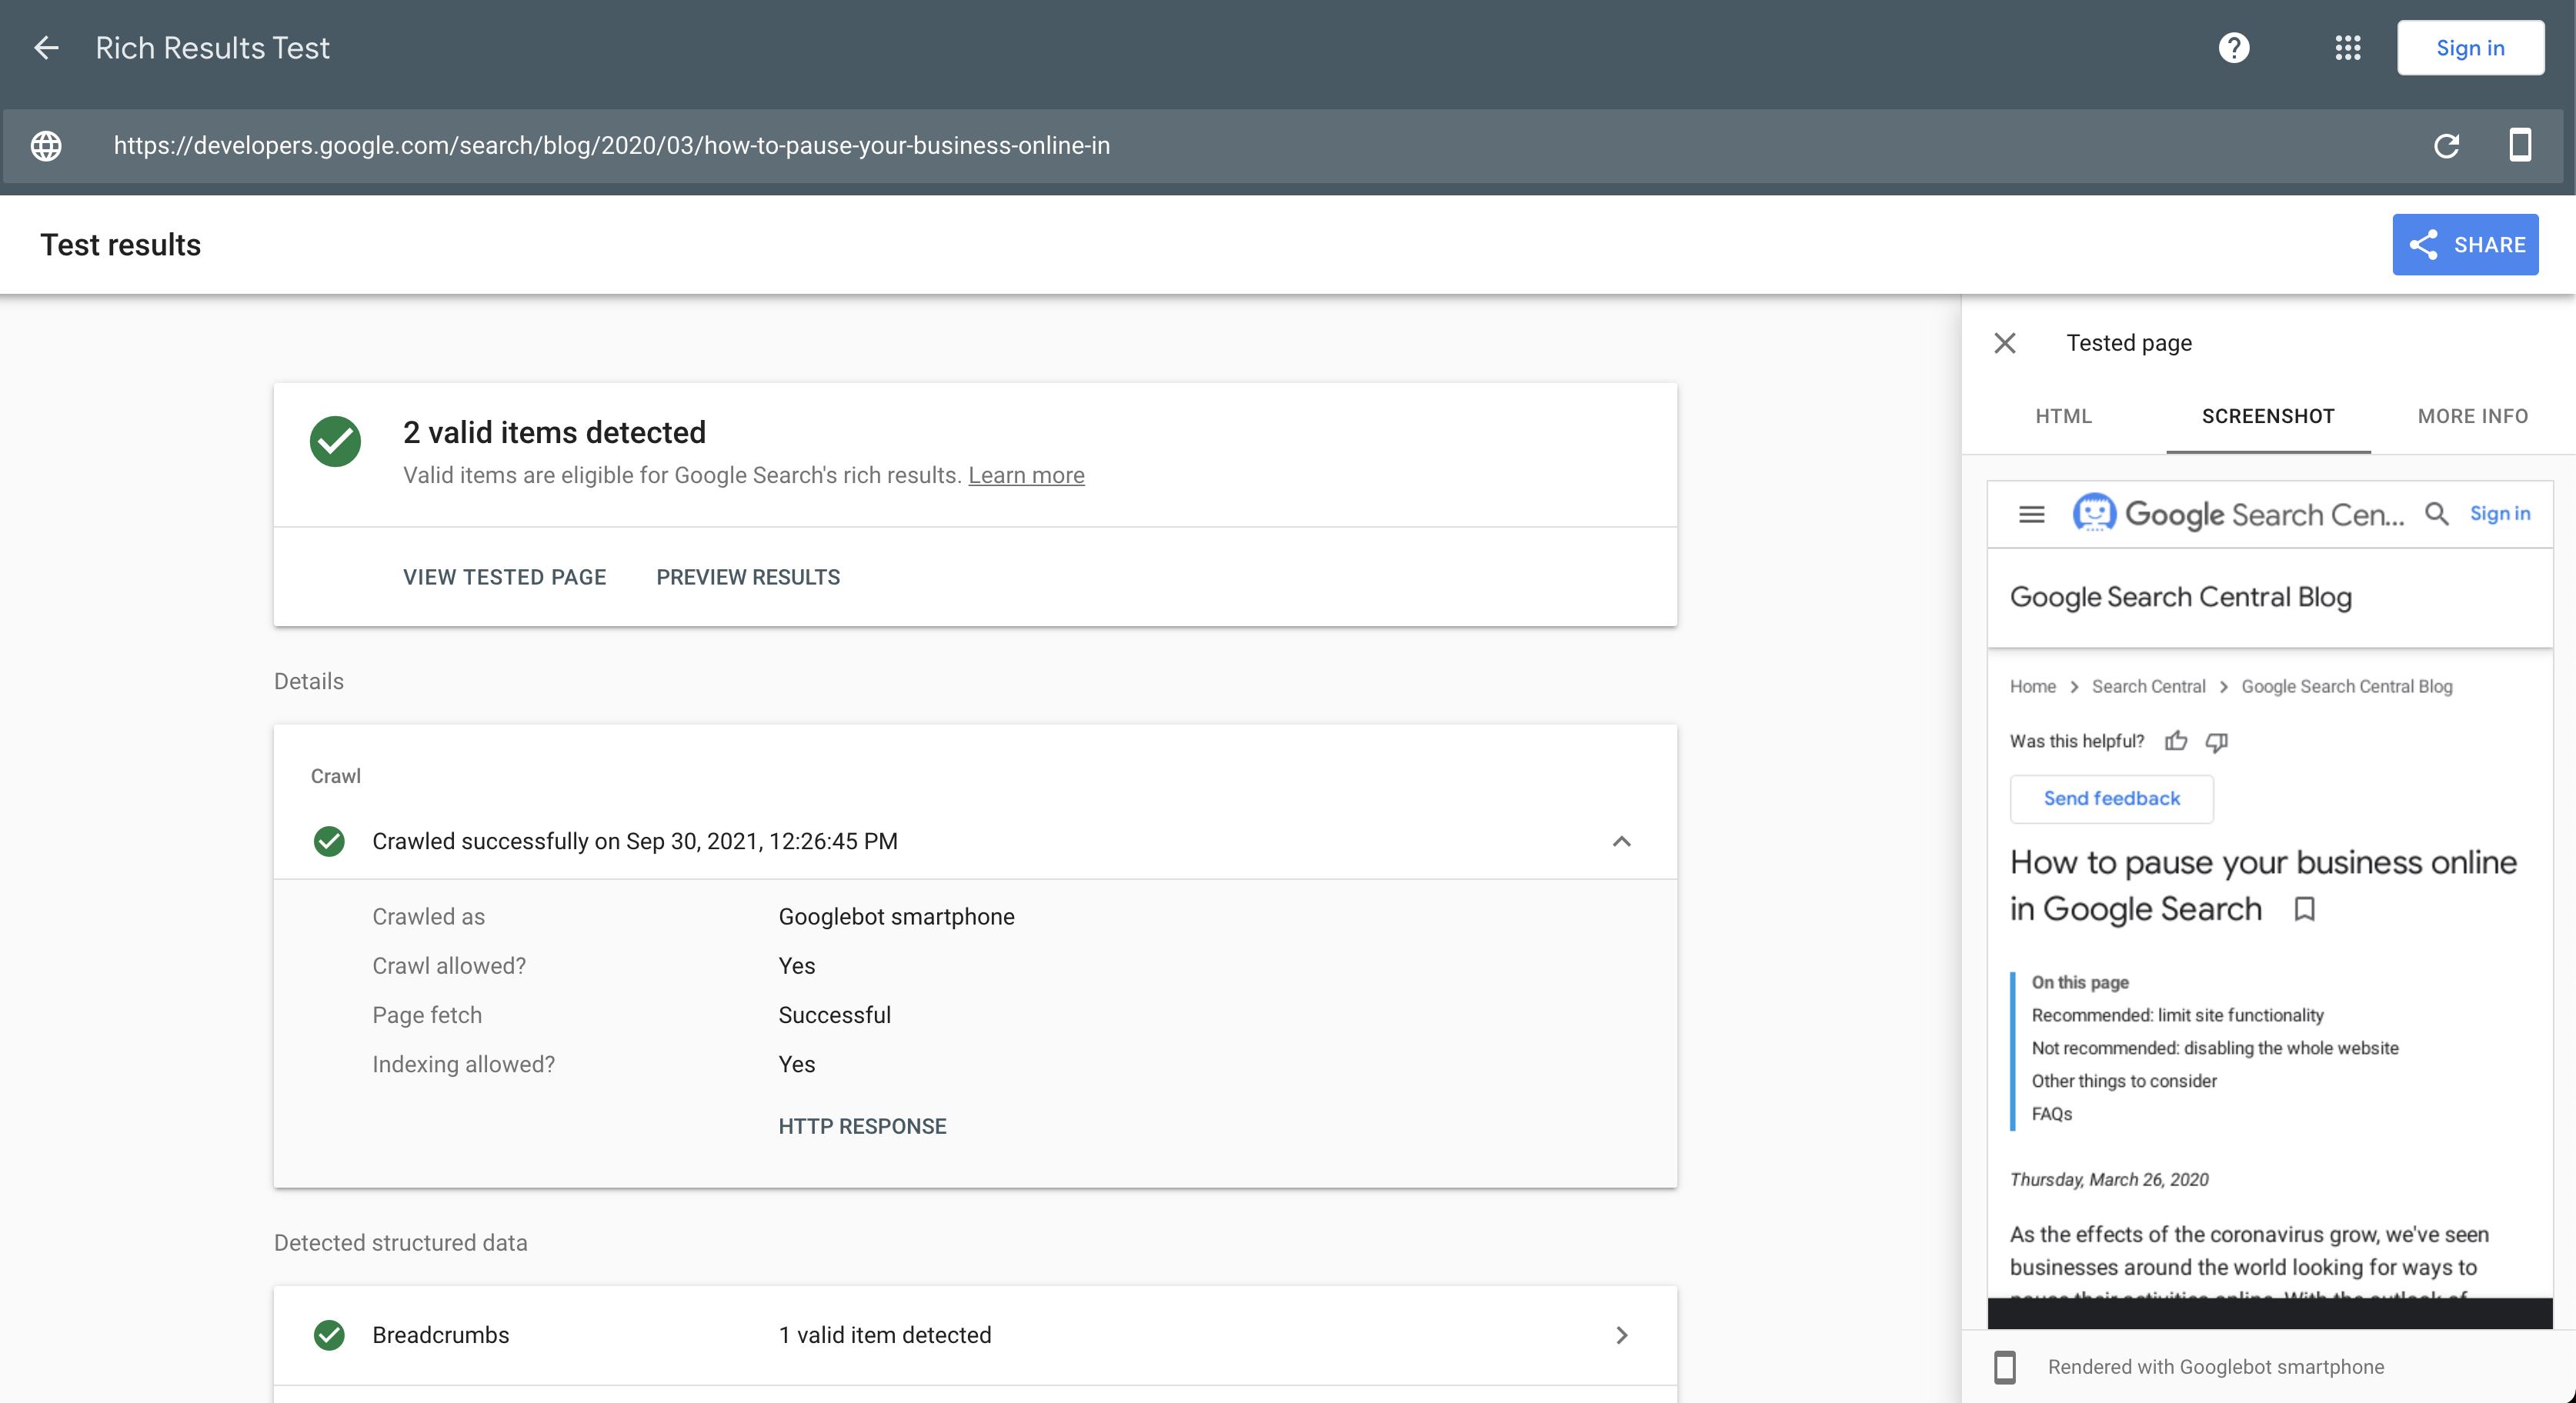 Изменились интерфейс и дизайн инструментов тестирования в Search Console